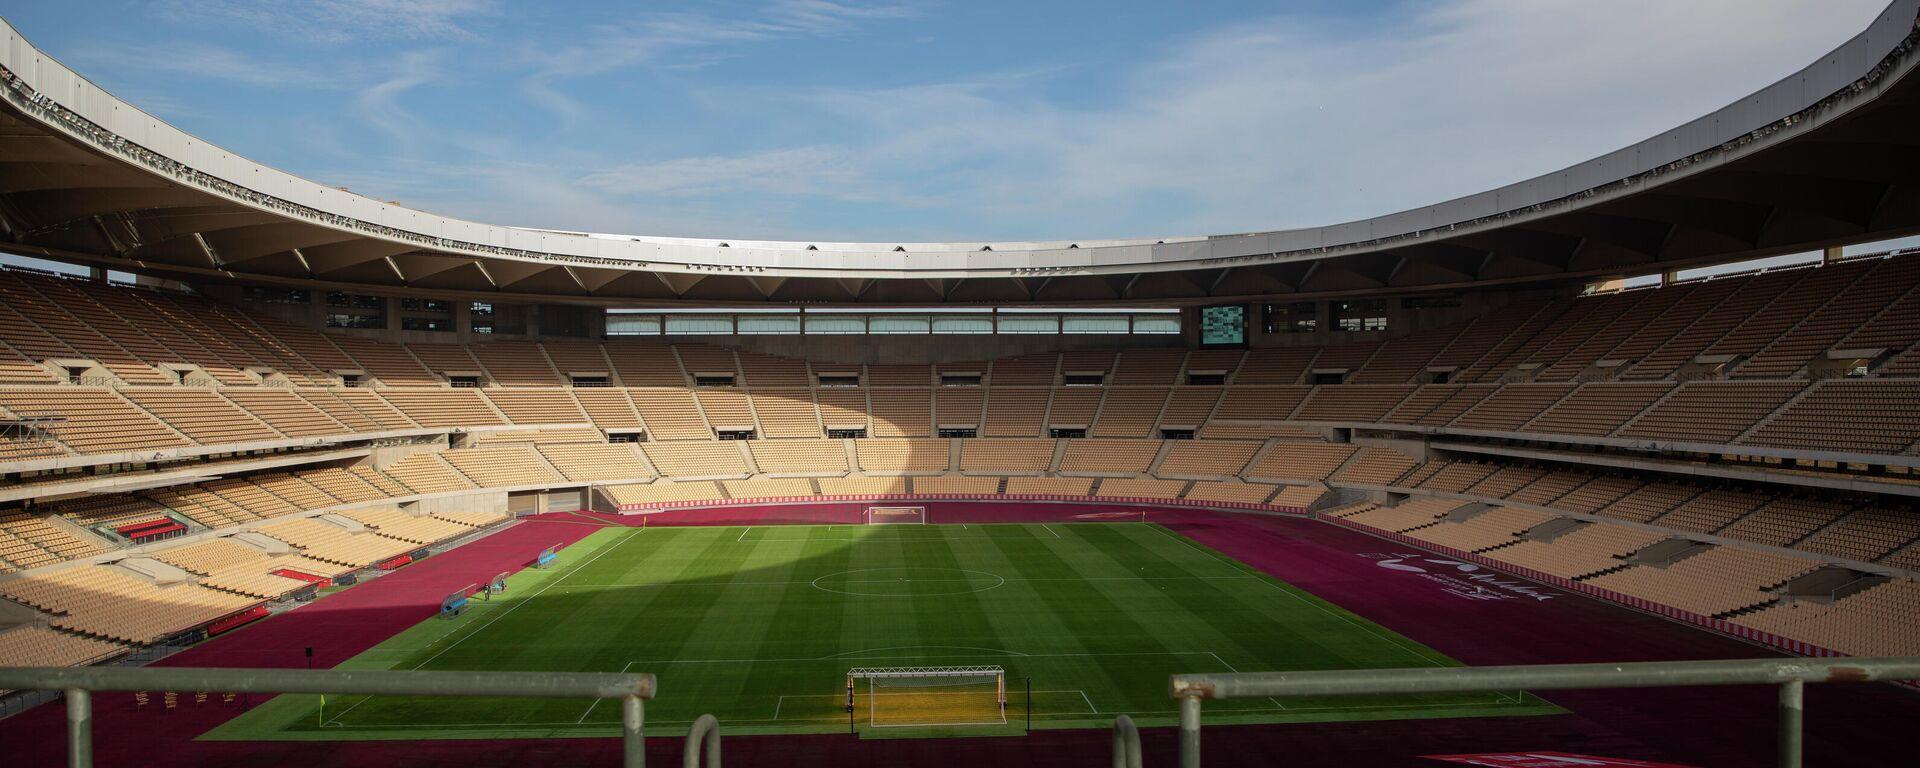 Estadio de La Cartuja en Sevilla - Sputnik Mundo, 1920, 13.05.2021